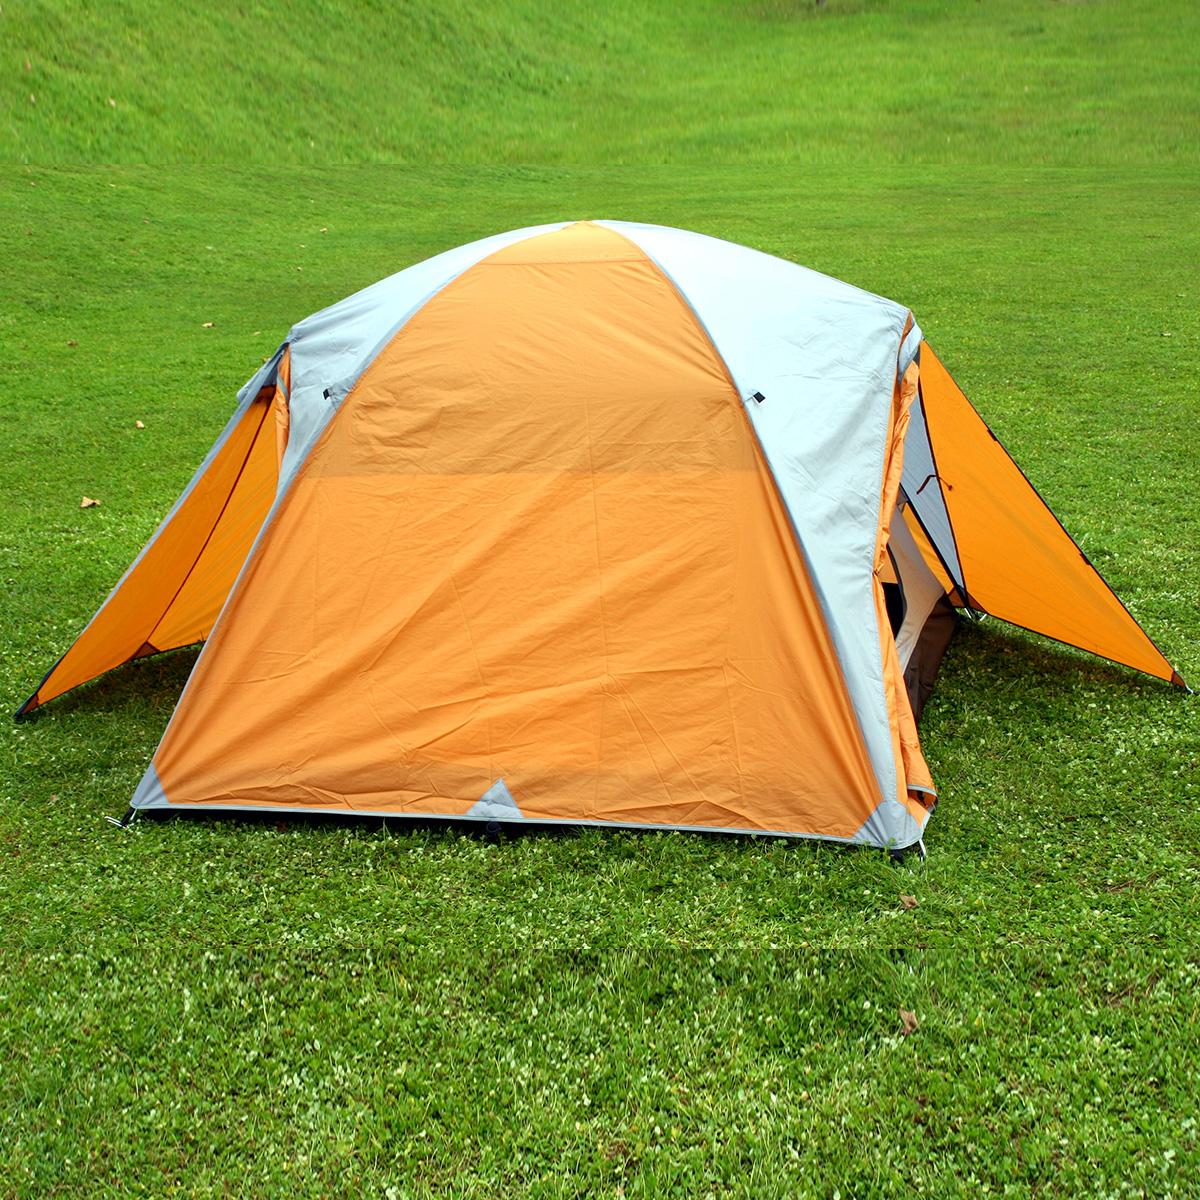 Zelt Kaufen Graz : Montis apache schlafsack bis °c cm g ebay